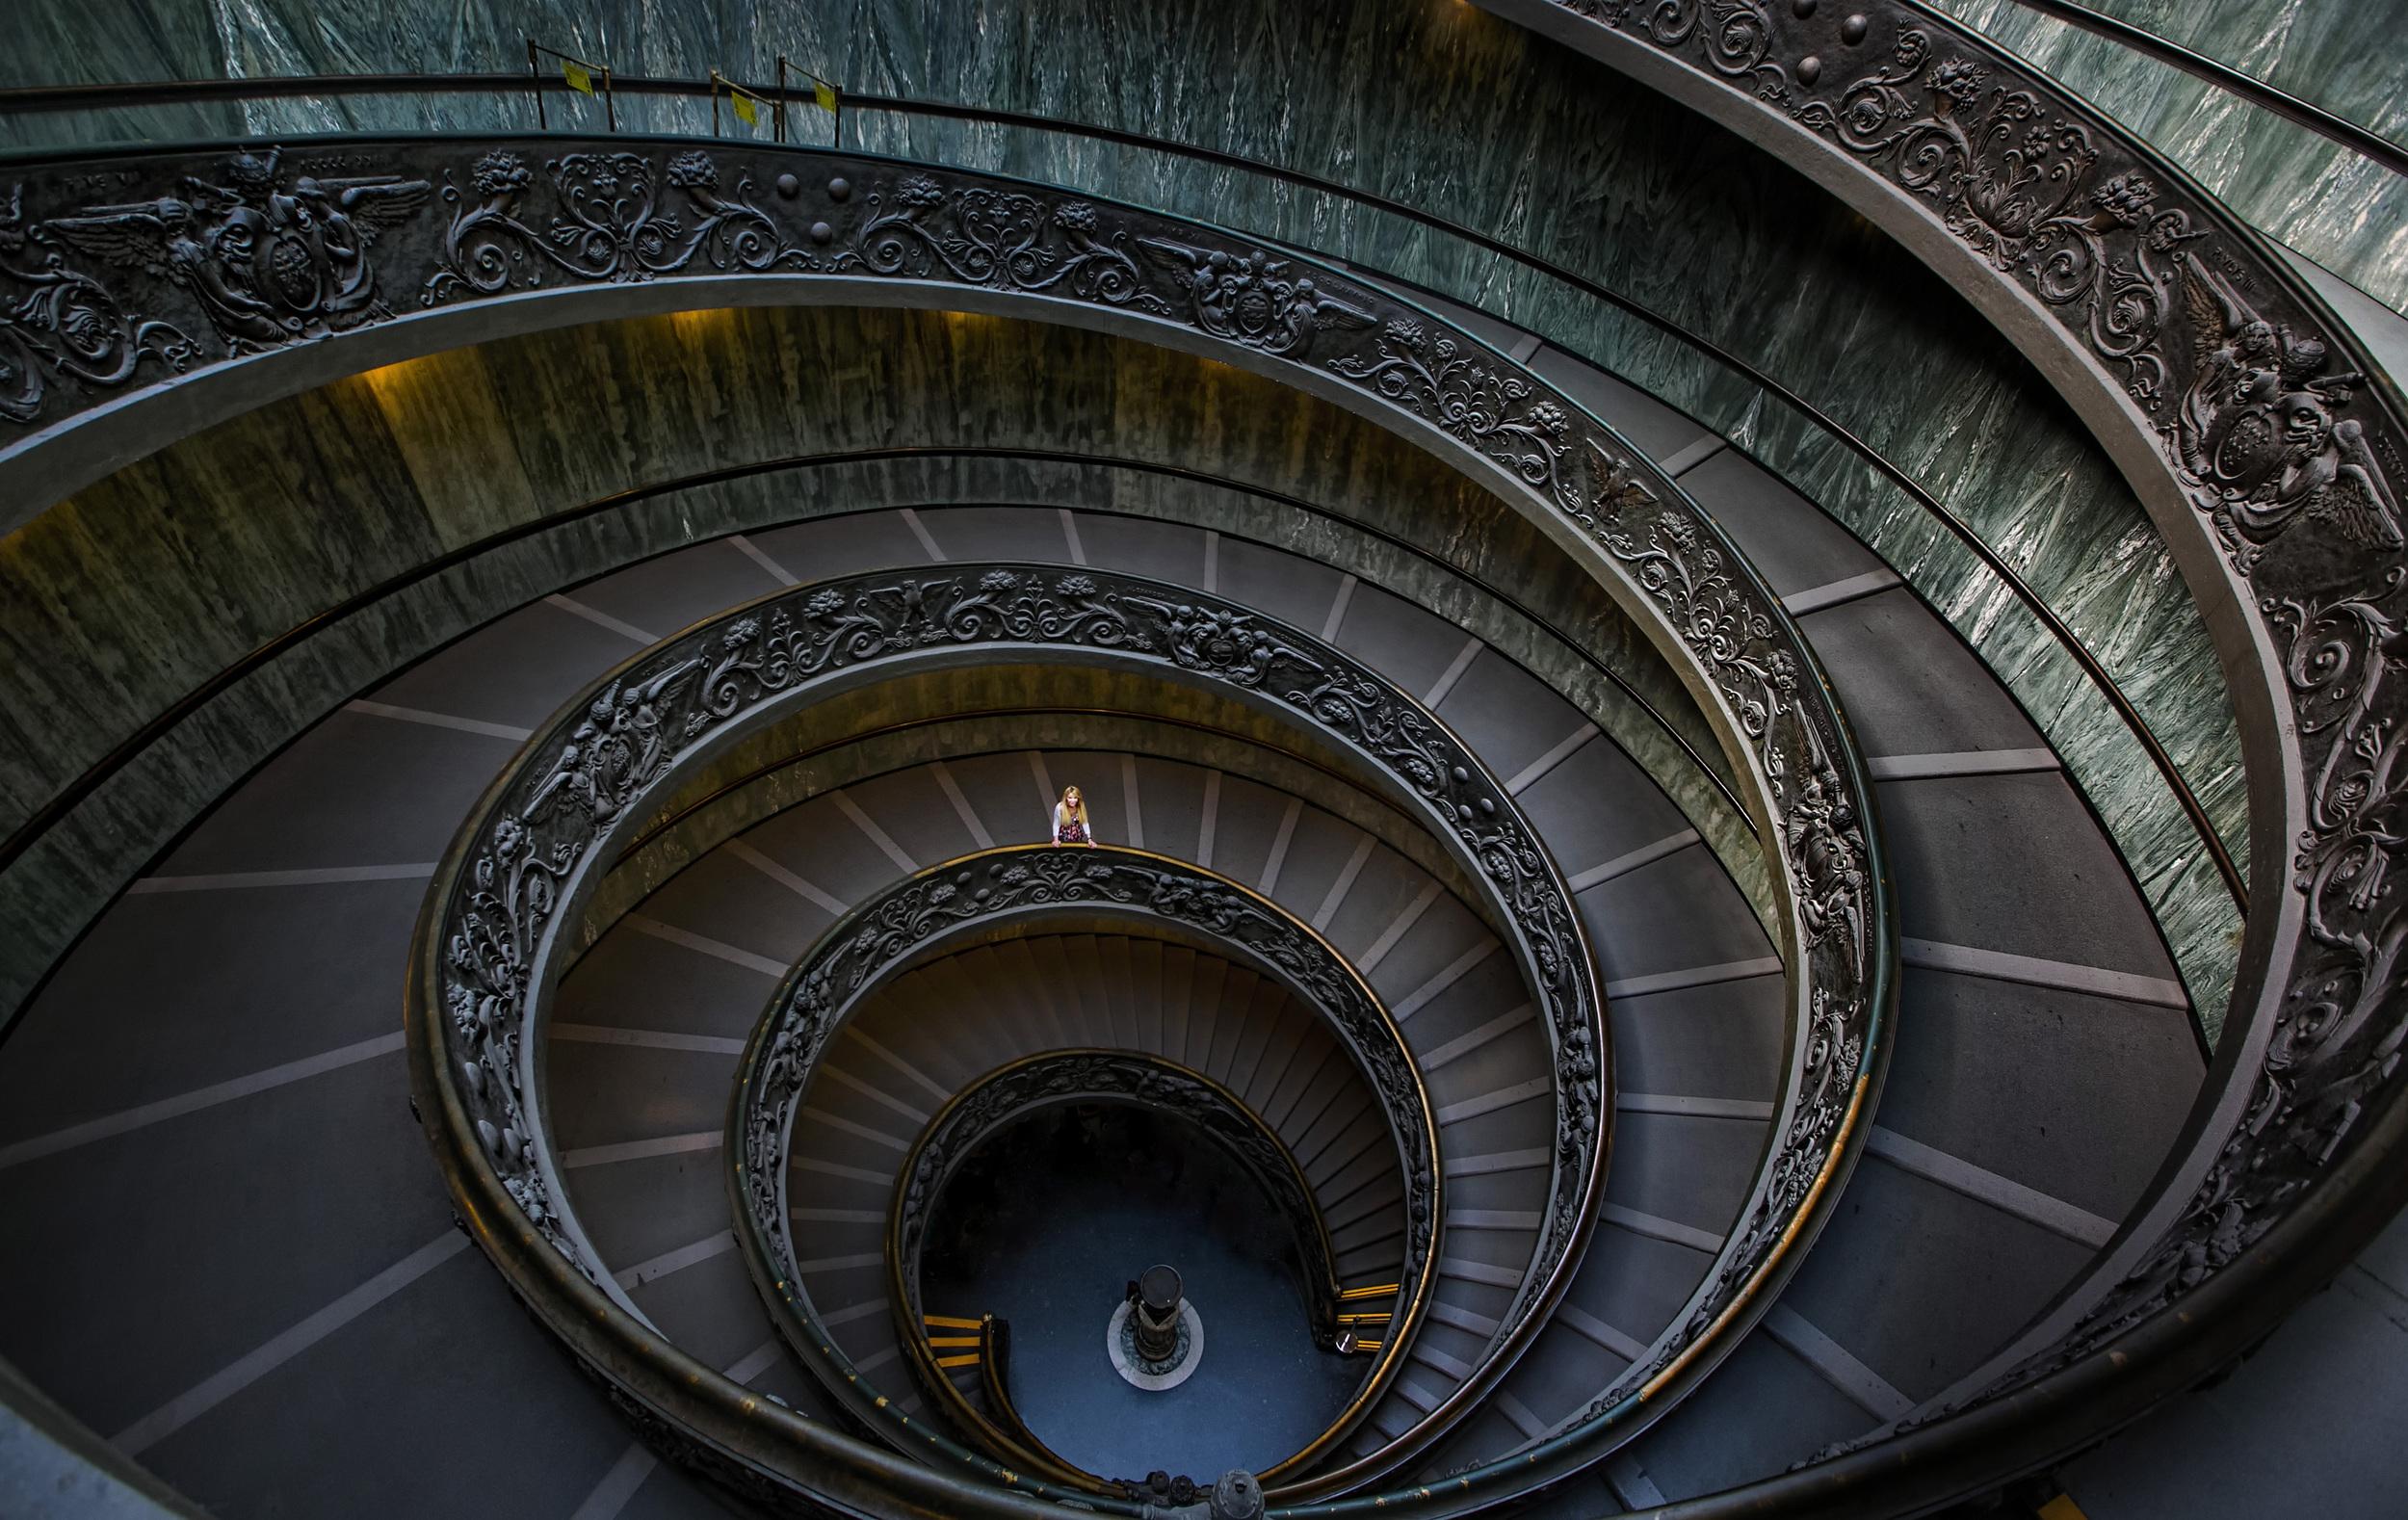 Vatican Stairs 1.jpg